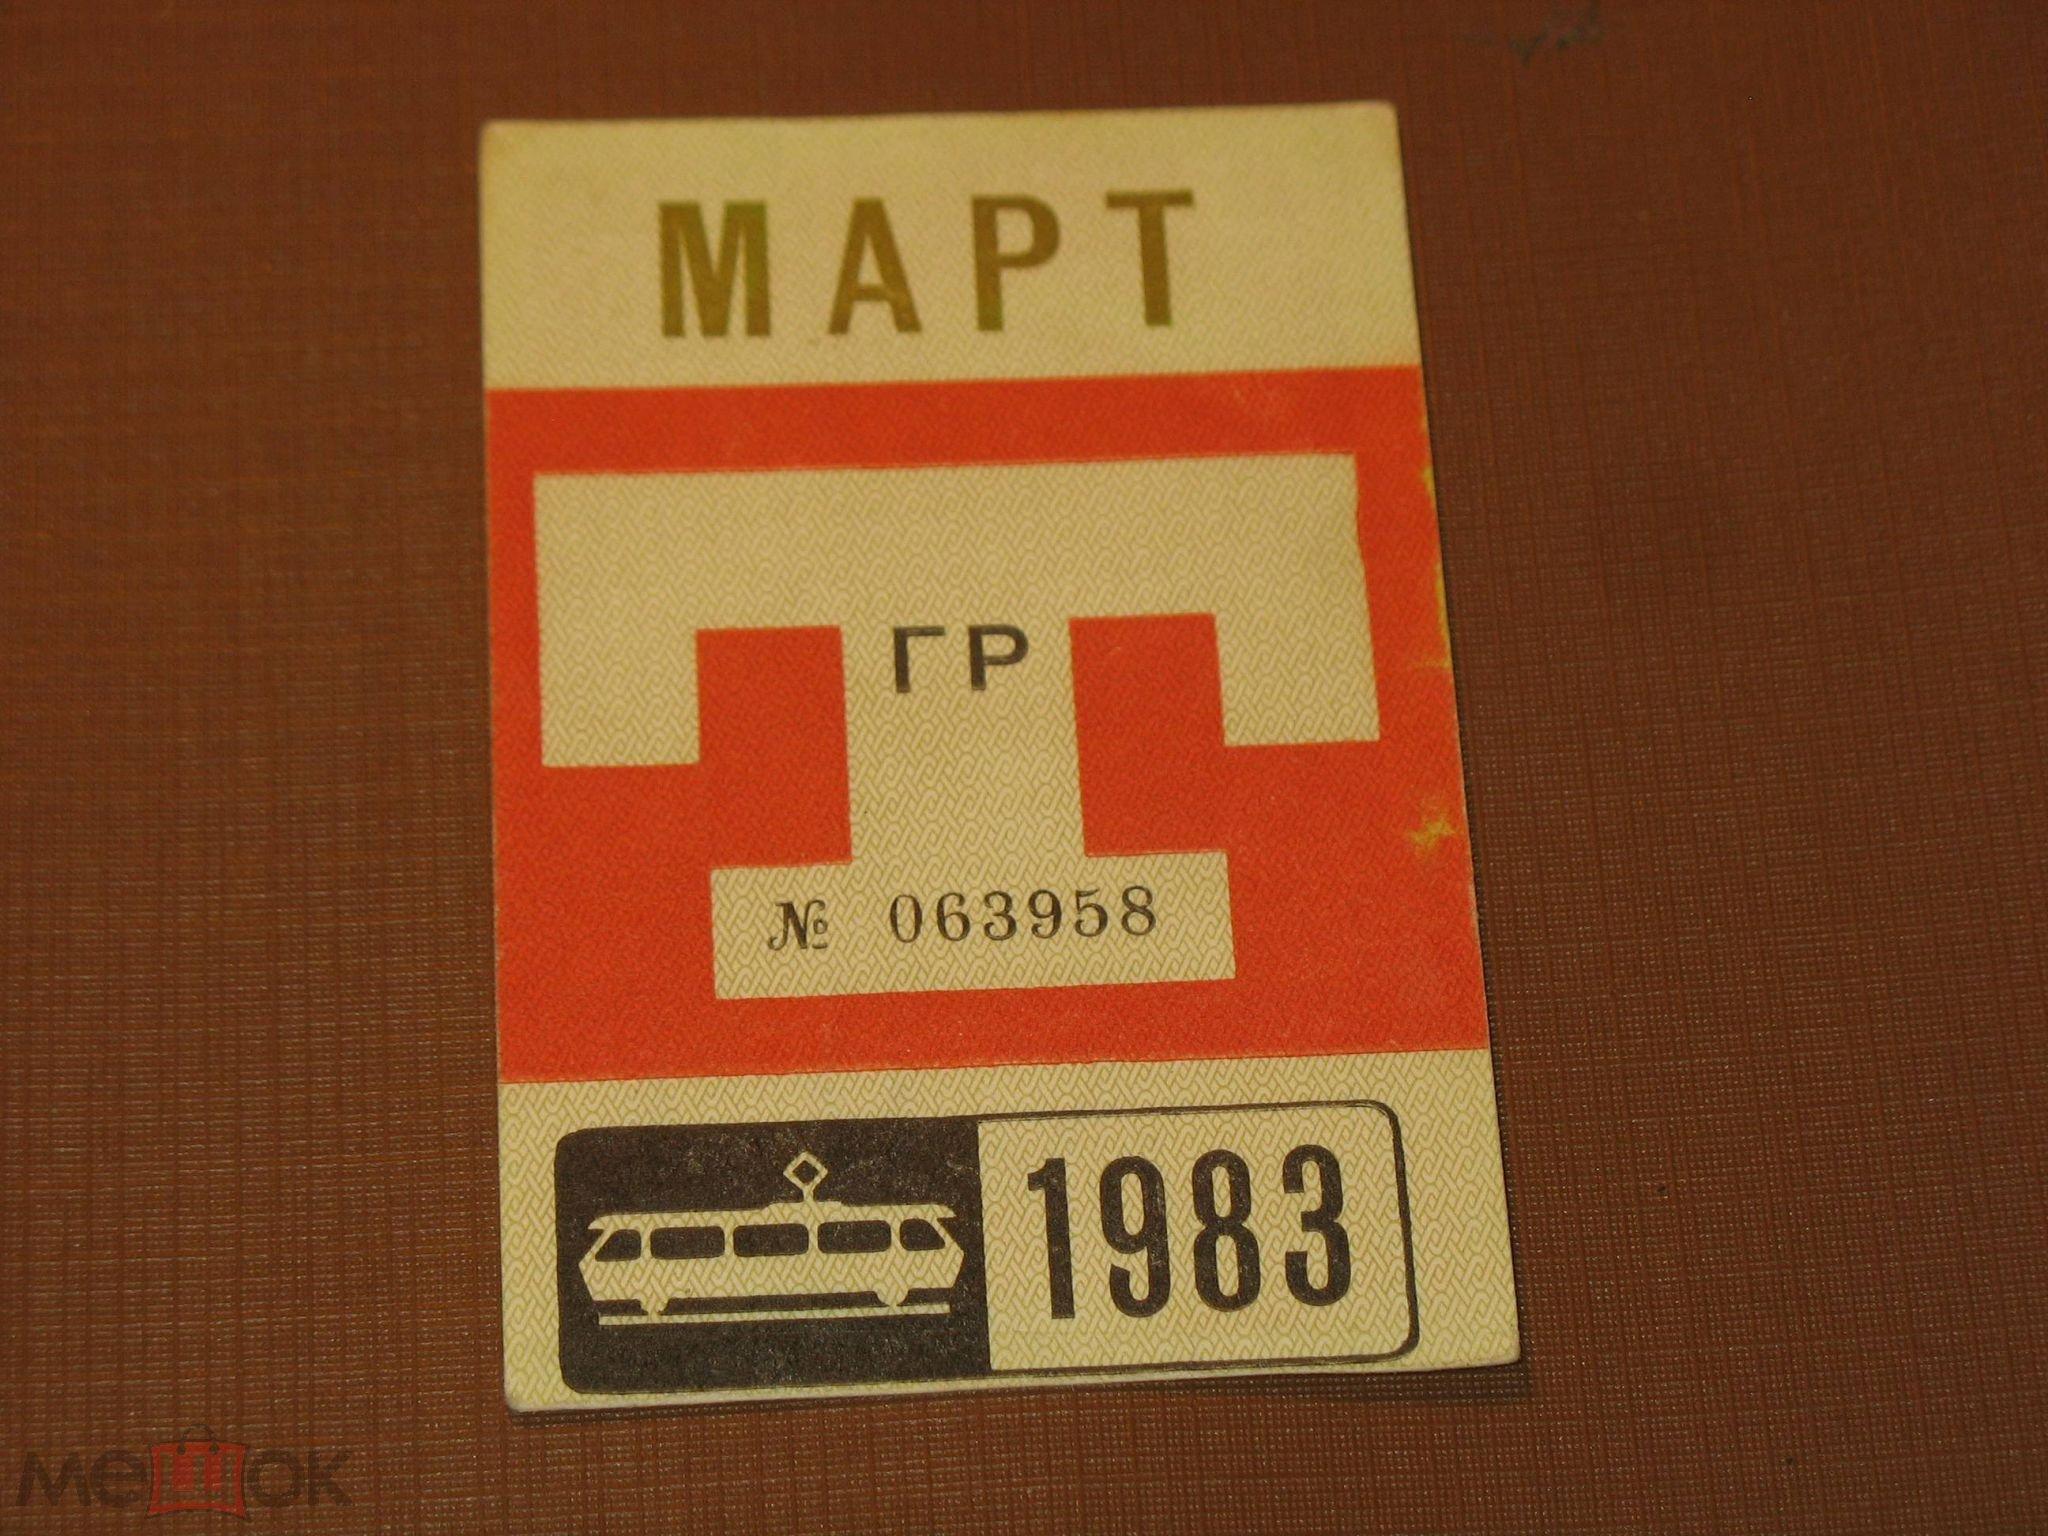 БИЛЕТ ПРОЕЗДНОЙ ТРАМВАЙ МАРТ 1983г СССР